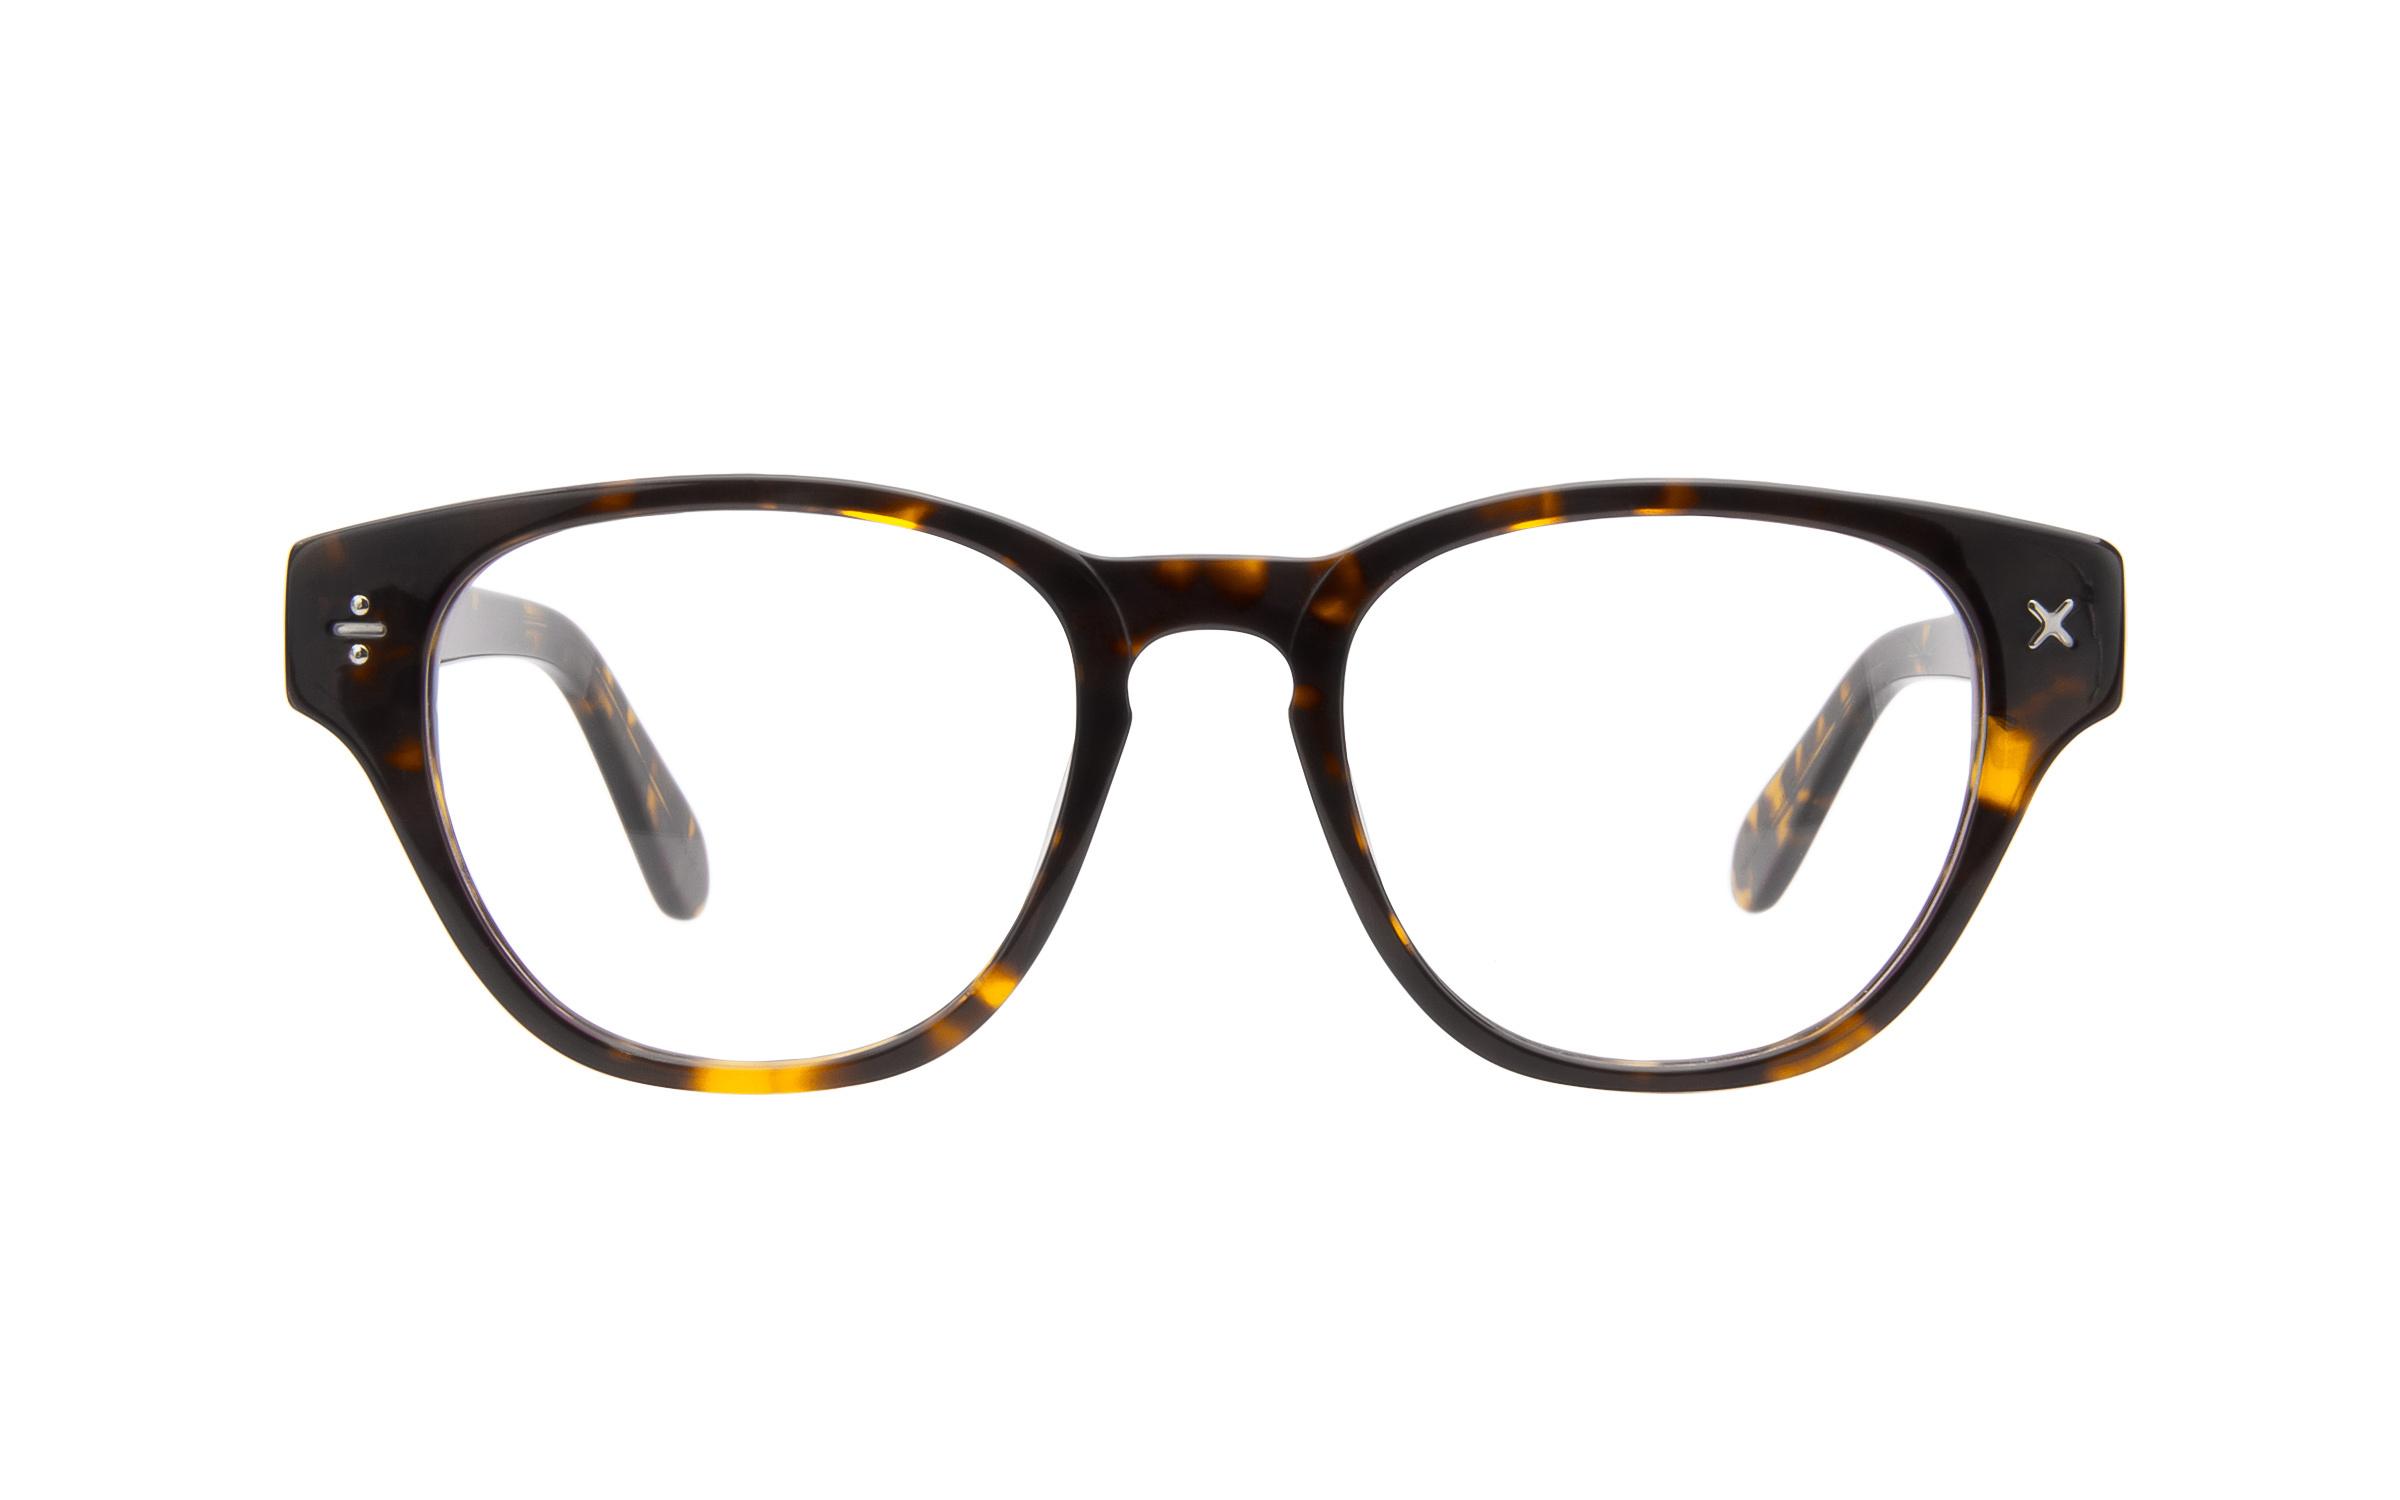 Round_Glasses_Tortoise_Derek_Cardigan_Online_Coastal